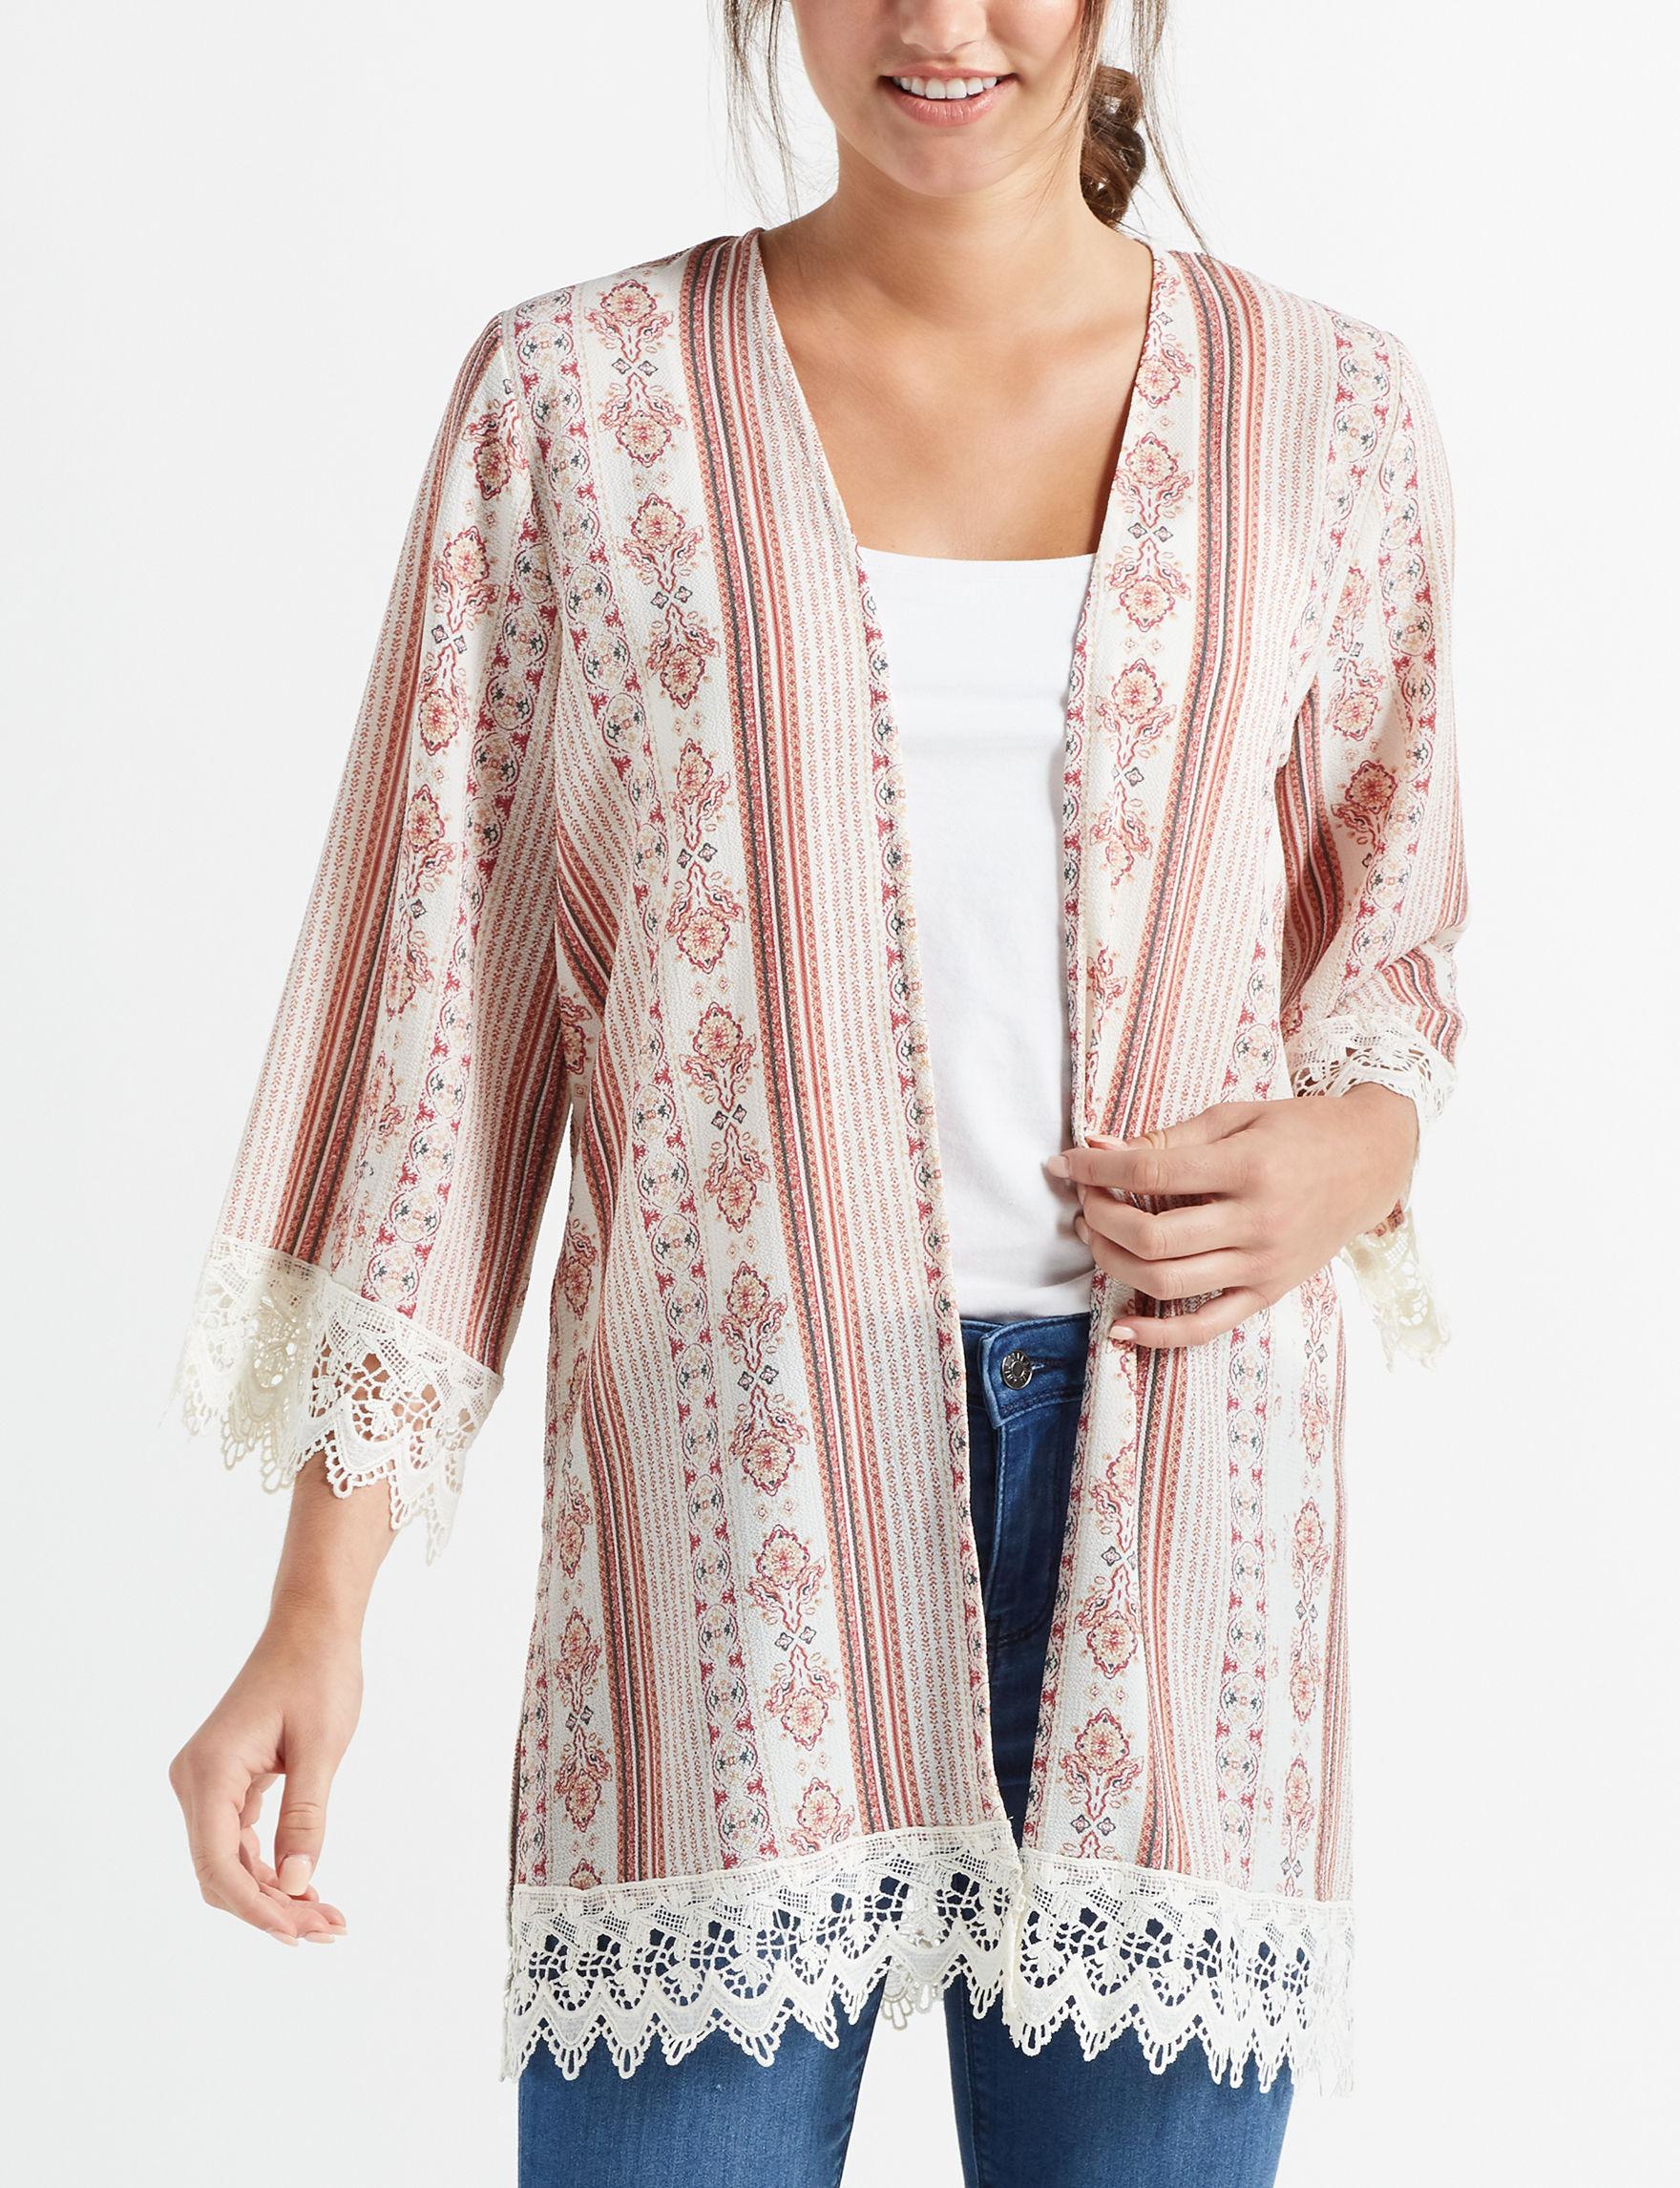 Leighton Ivory Kimonos & Toppers